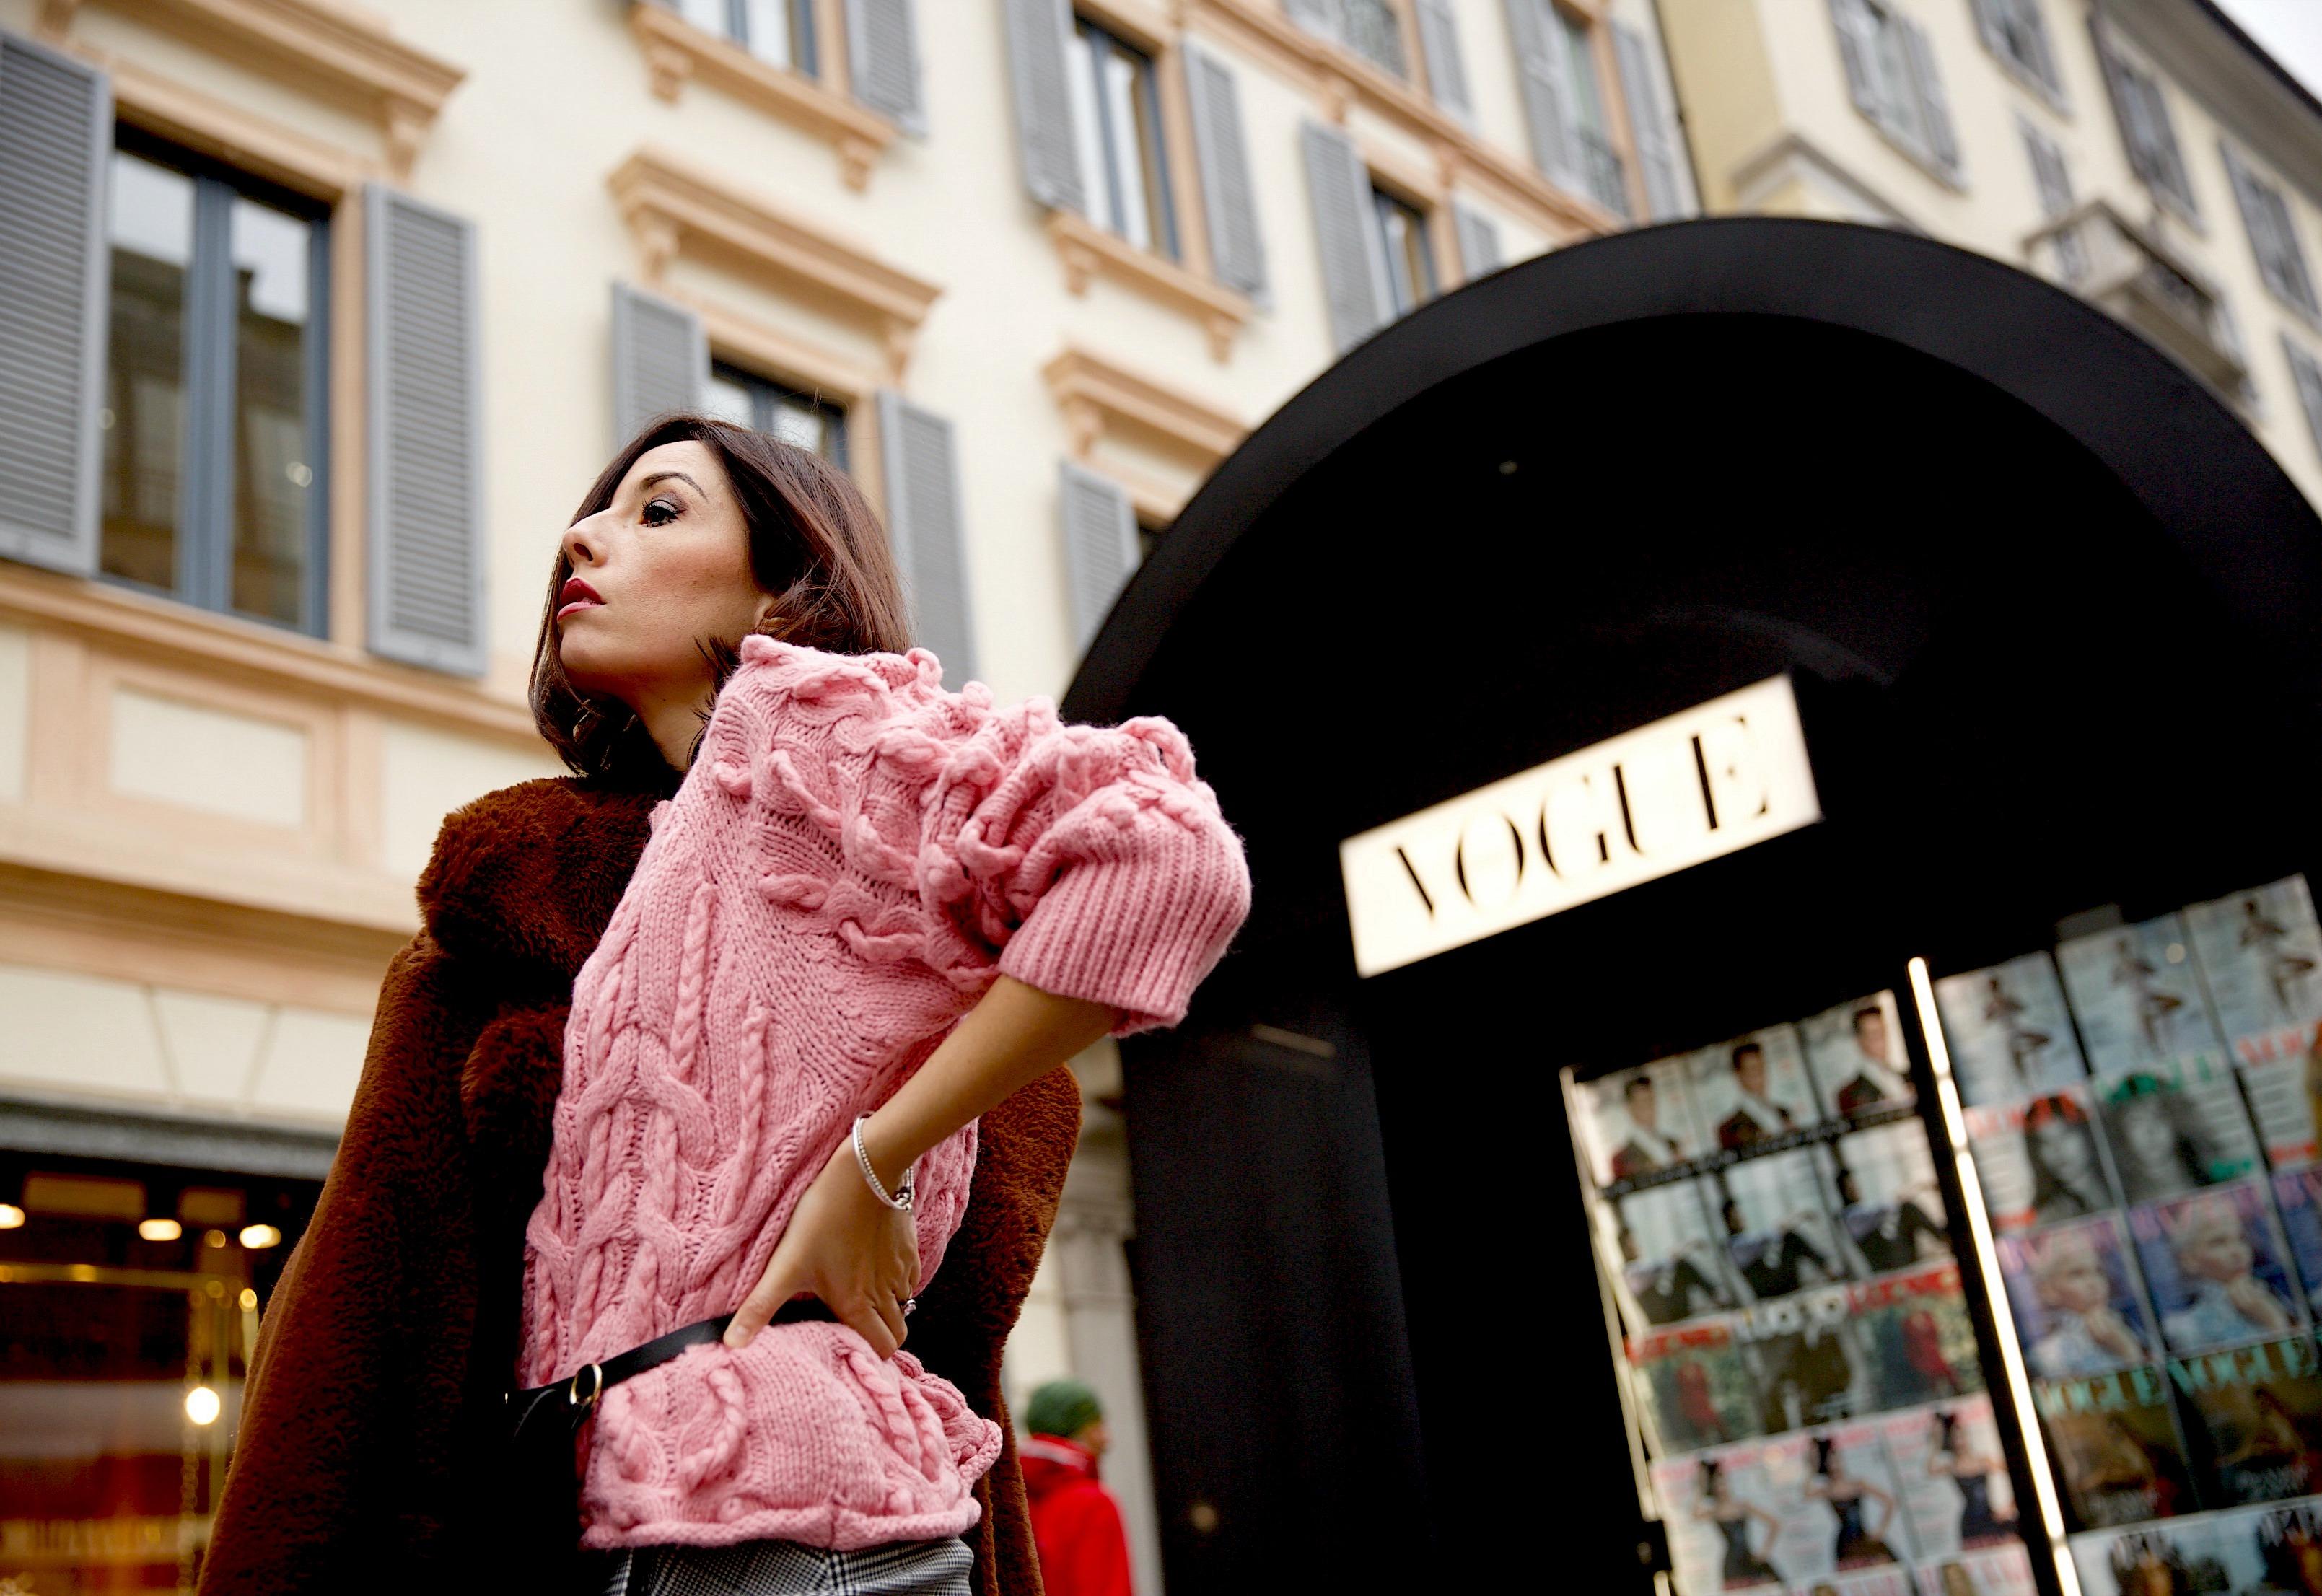 H&M outlet, outlet moda low cost, come vestirsi 2018, cosa va di moda oggi 2018, fashion blogger italiane famose 2018, blogger moda italiane 2018, blog moda 2018, blogger moda più seguite 2018, blogger moda instagram 2018, elisa bellino instagram, come vestirsi elegante comoda, maglione zara 2018, come abbinare il rosa, marsupio zara, elisa bellino,